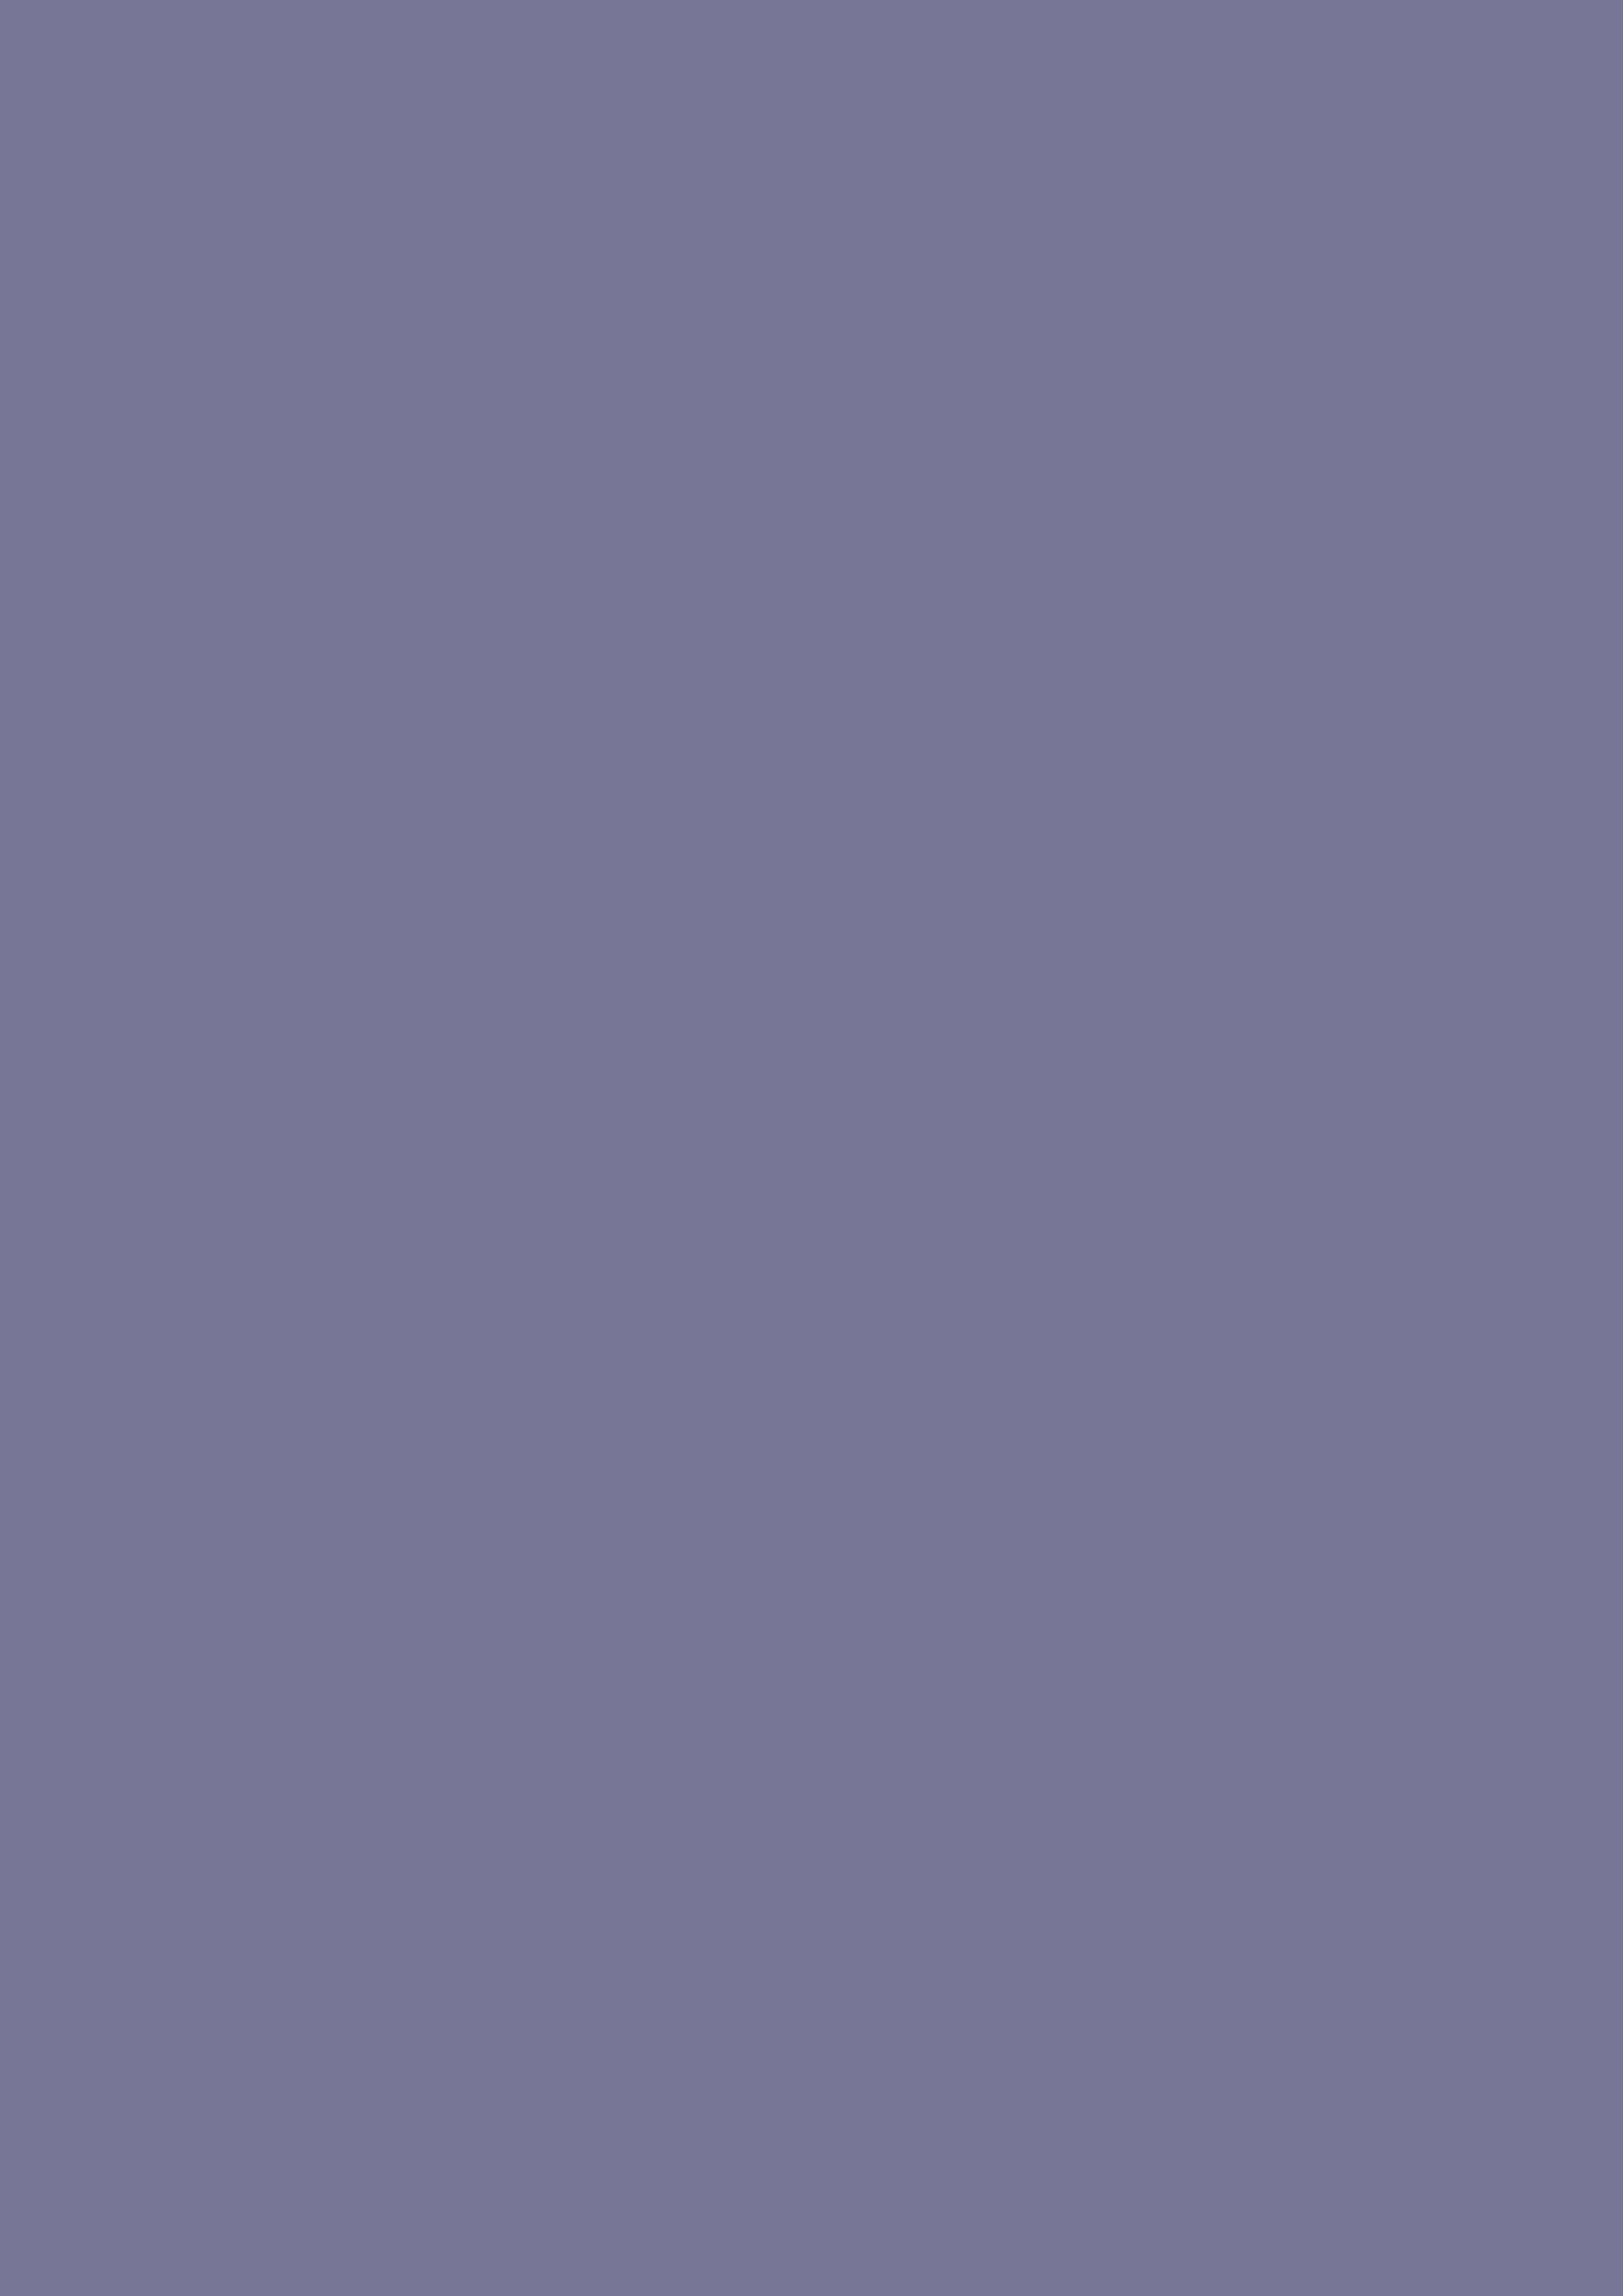 2480x3508 Rhythm Solid Color Background